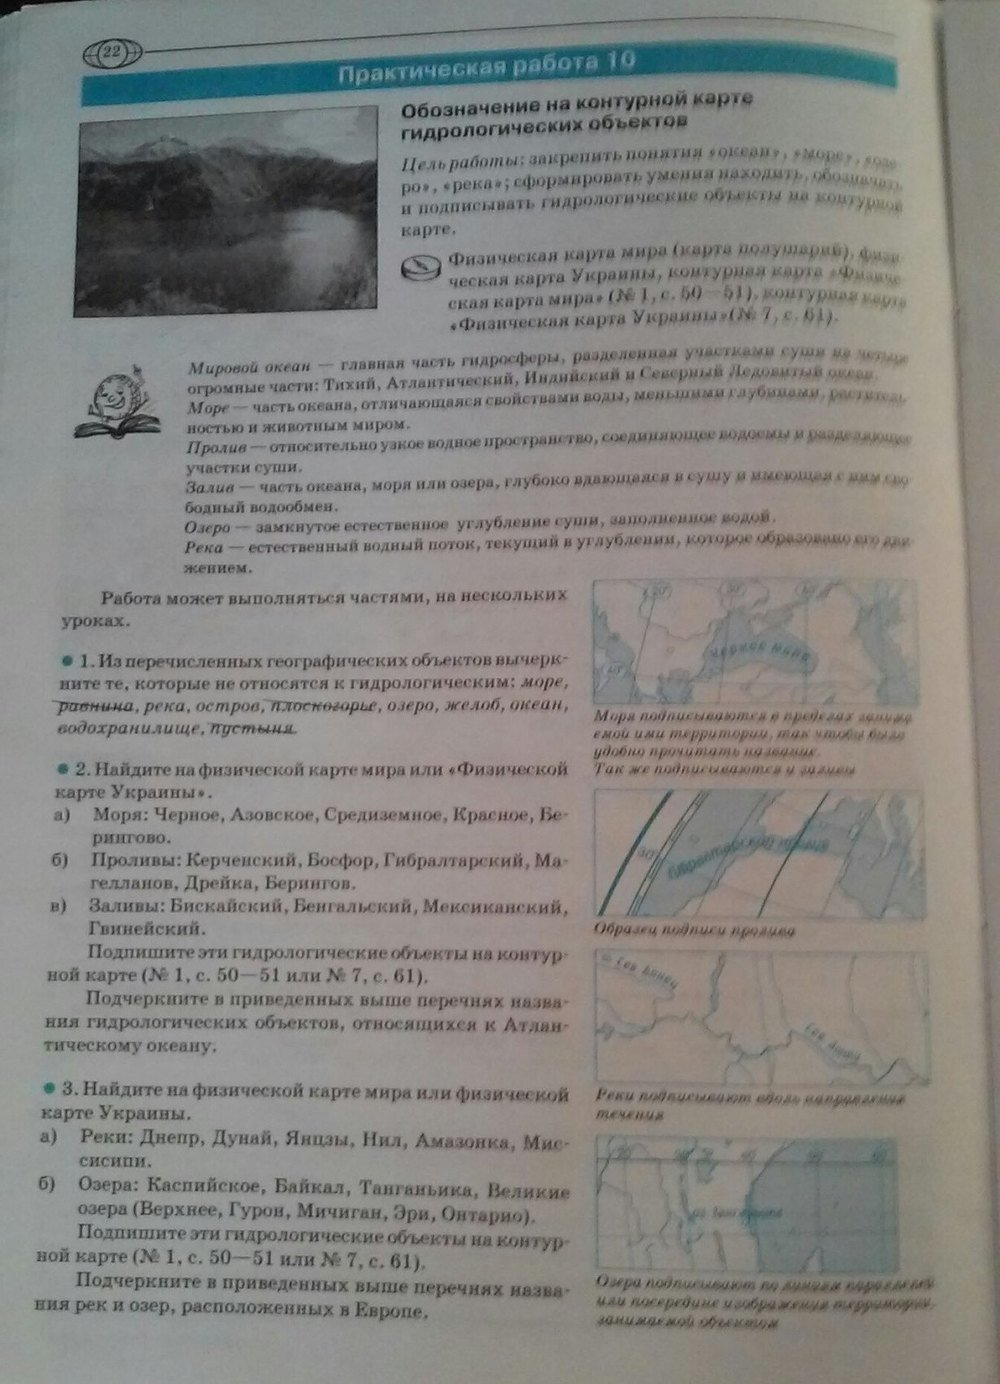 Решебник к тетради для практических работ по географии 7 класс